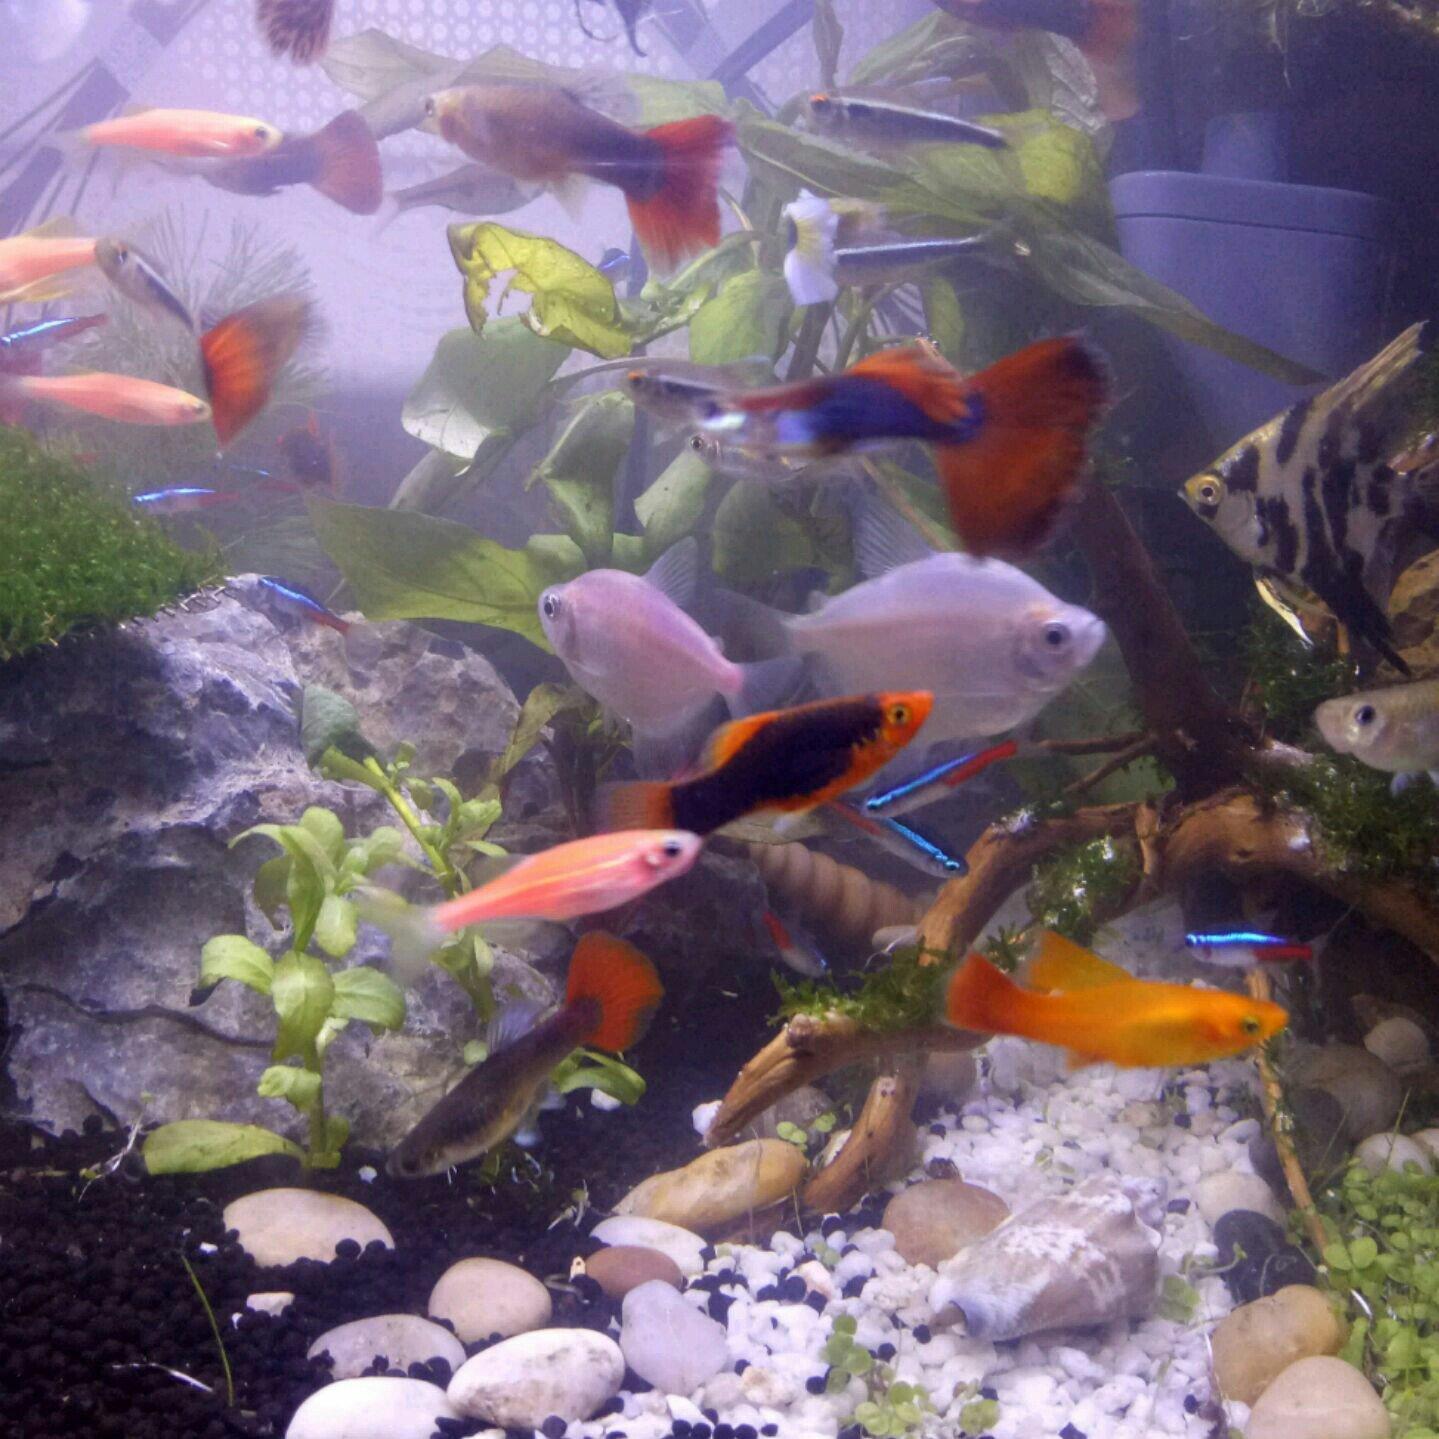 壁纸 动物 海底 海底世界 海洋馆 水族馆 鱼 鱼类 1439_1439